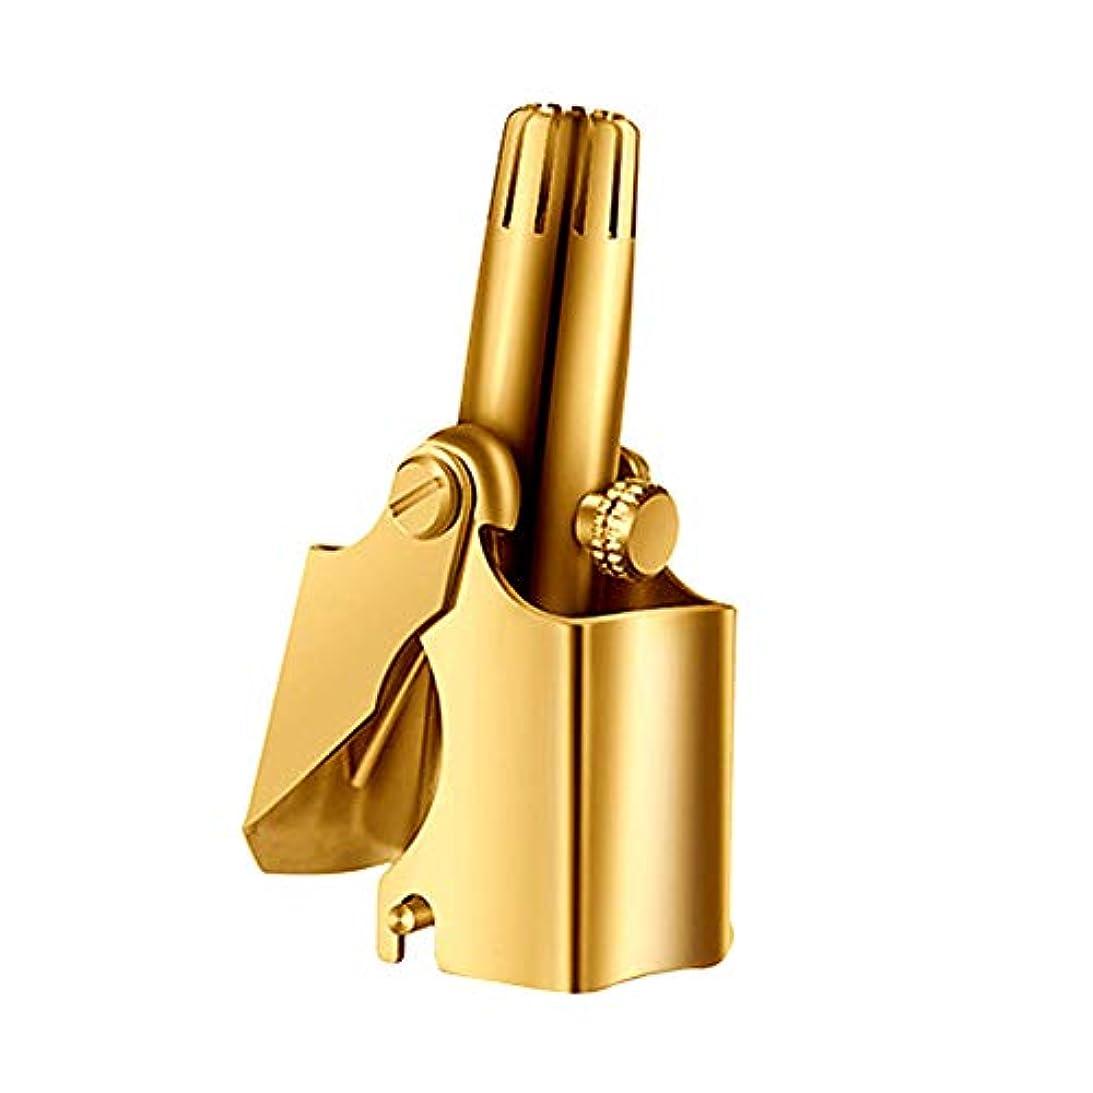 みなすムス混雑手動鼻毛カッター簡単 電池不要エチケットカッター鼻腔を傷つけない持ち運び簡単 お手入れ掃除ブラシ,ゴールド